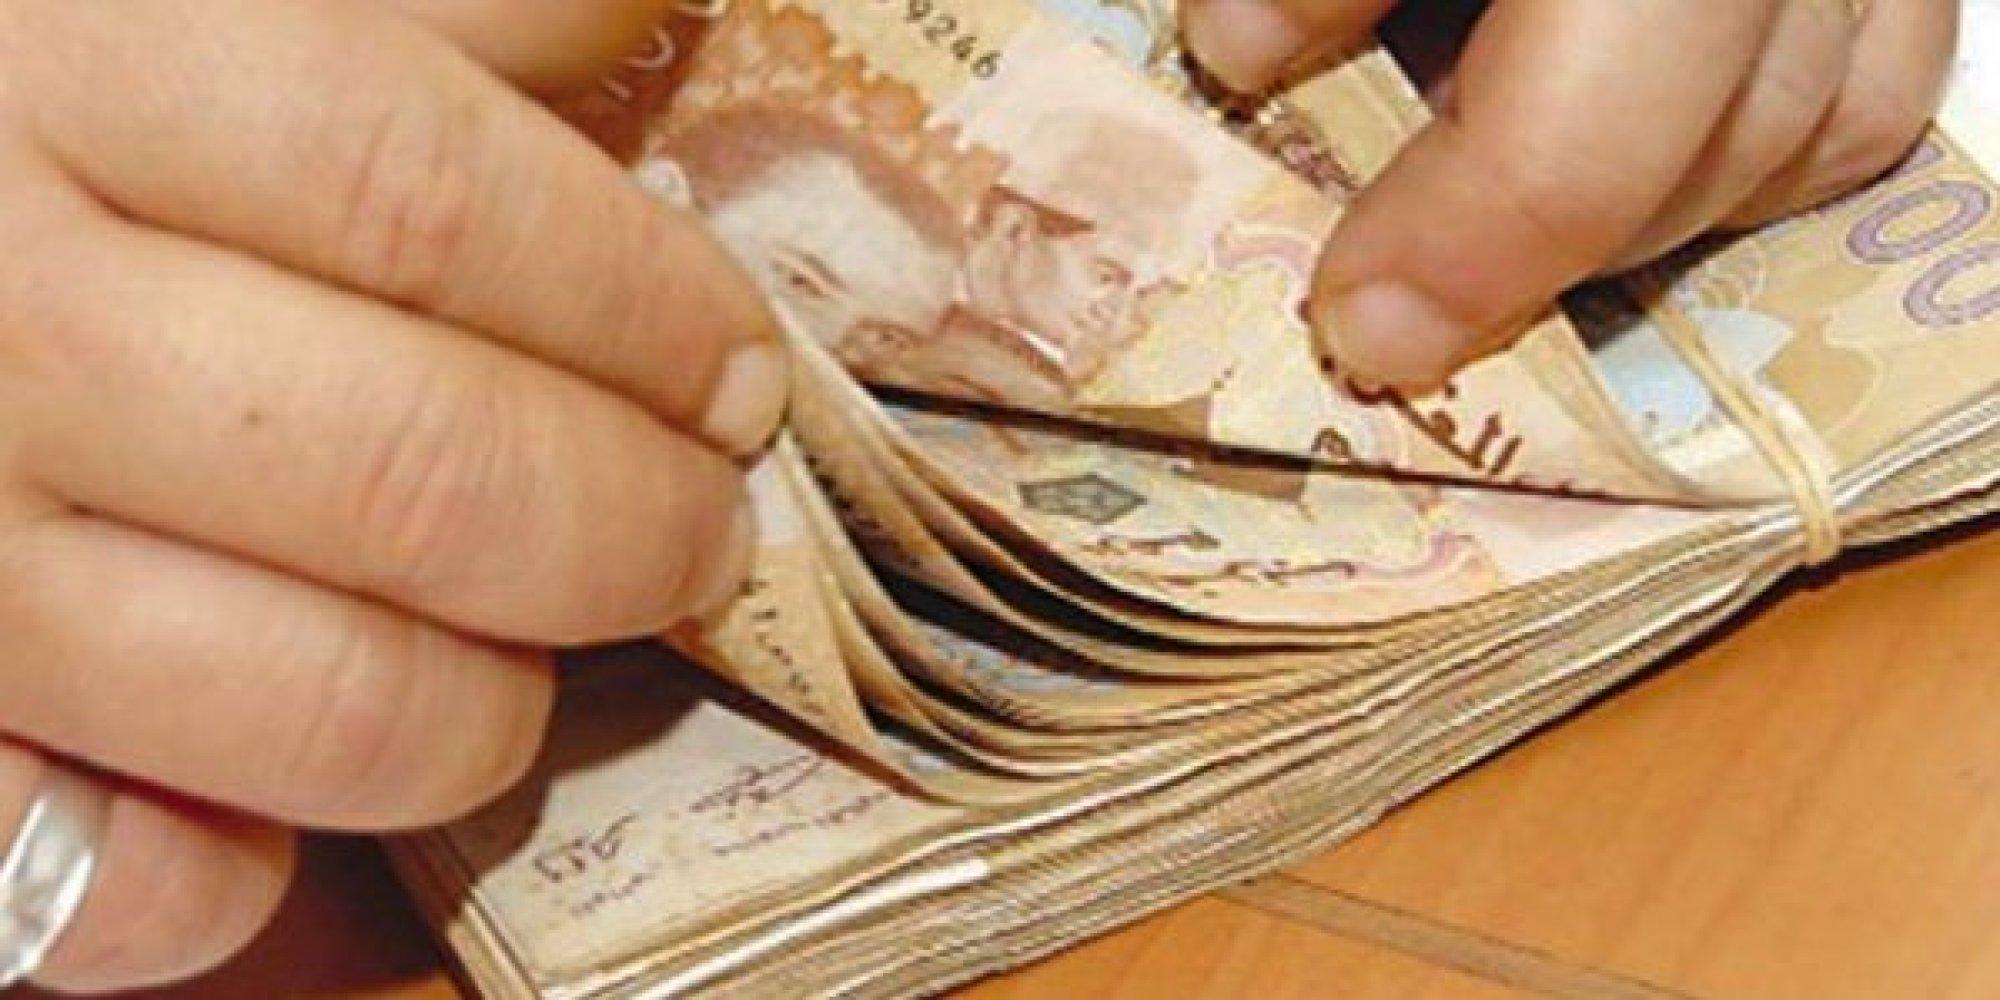 Hausse sensible du nombre de billets contrefaits au Maroc